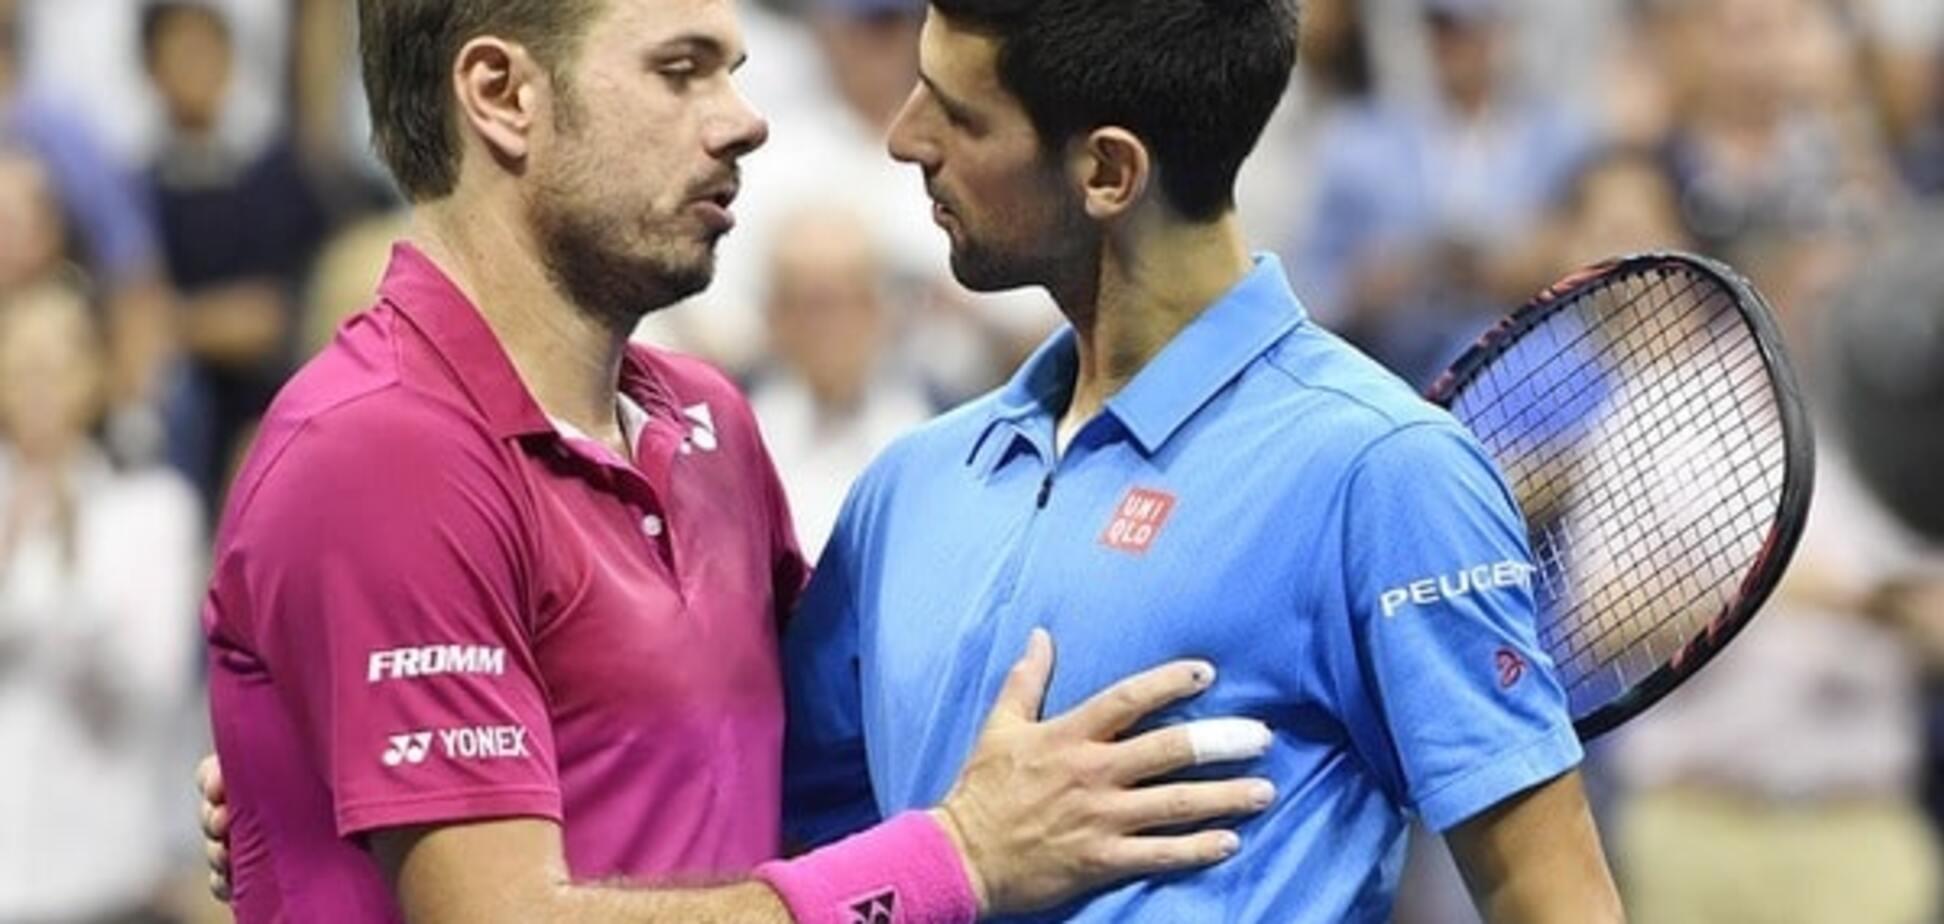 Лучший теннисист мира сенсационно проиграл в финале US Open